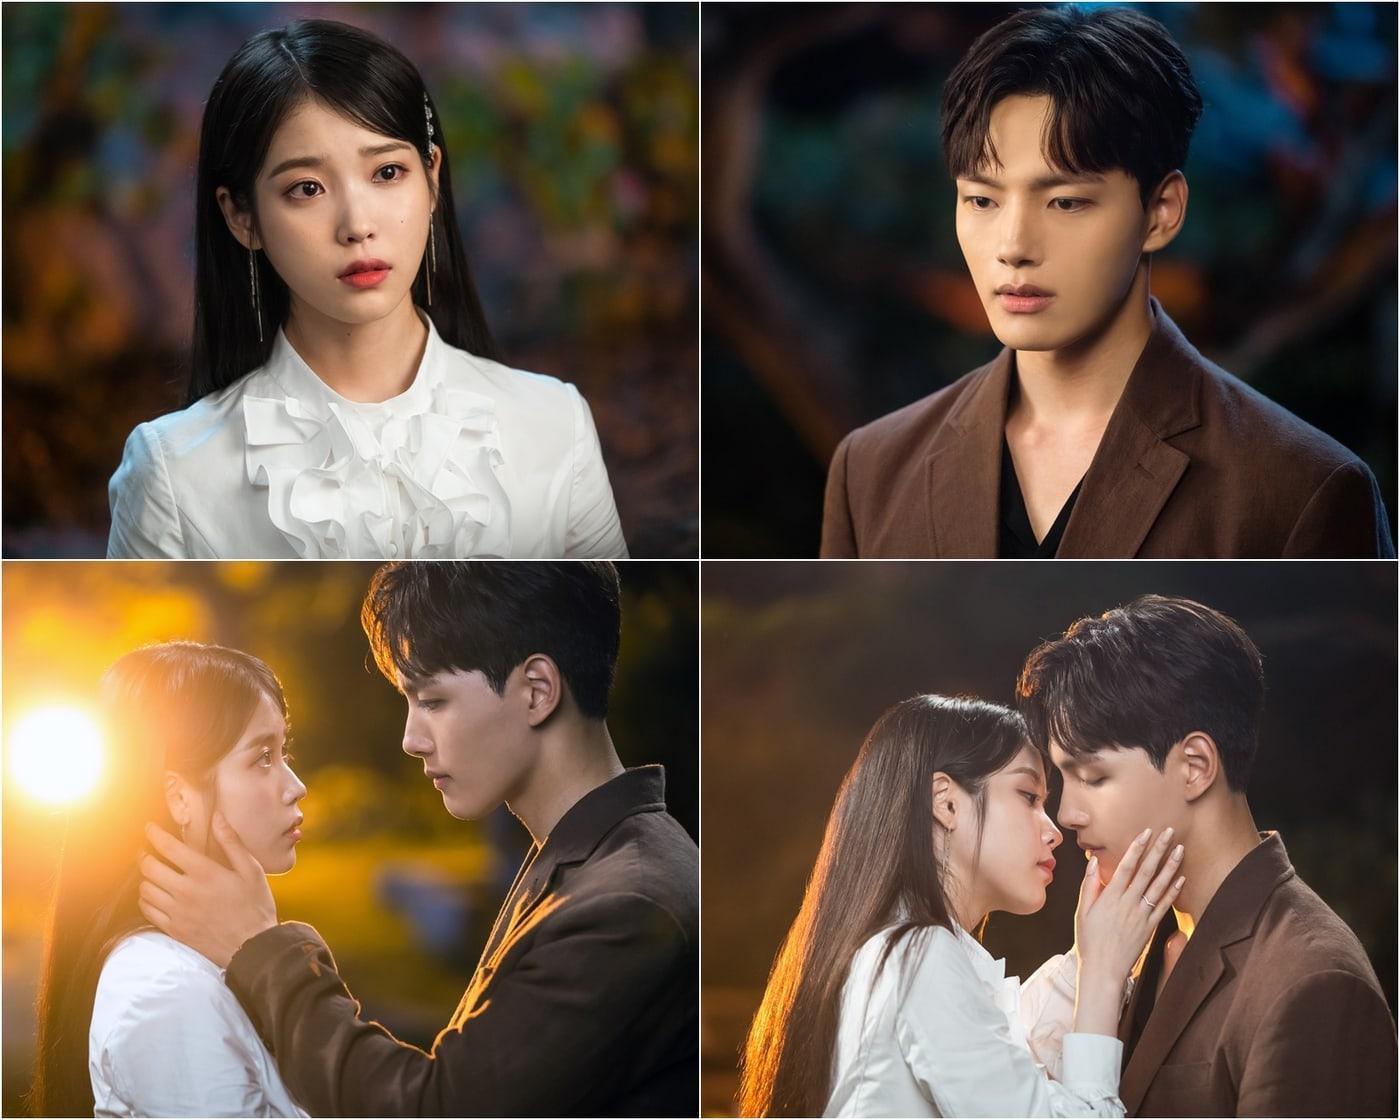 Jin goo dating tekenen je bent meer dan een aansluiting